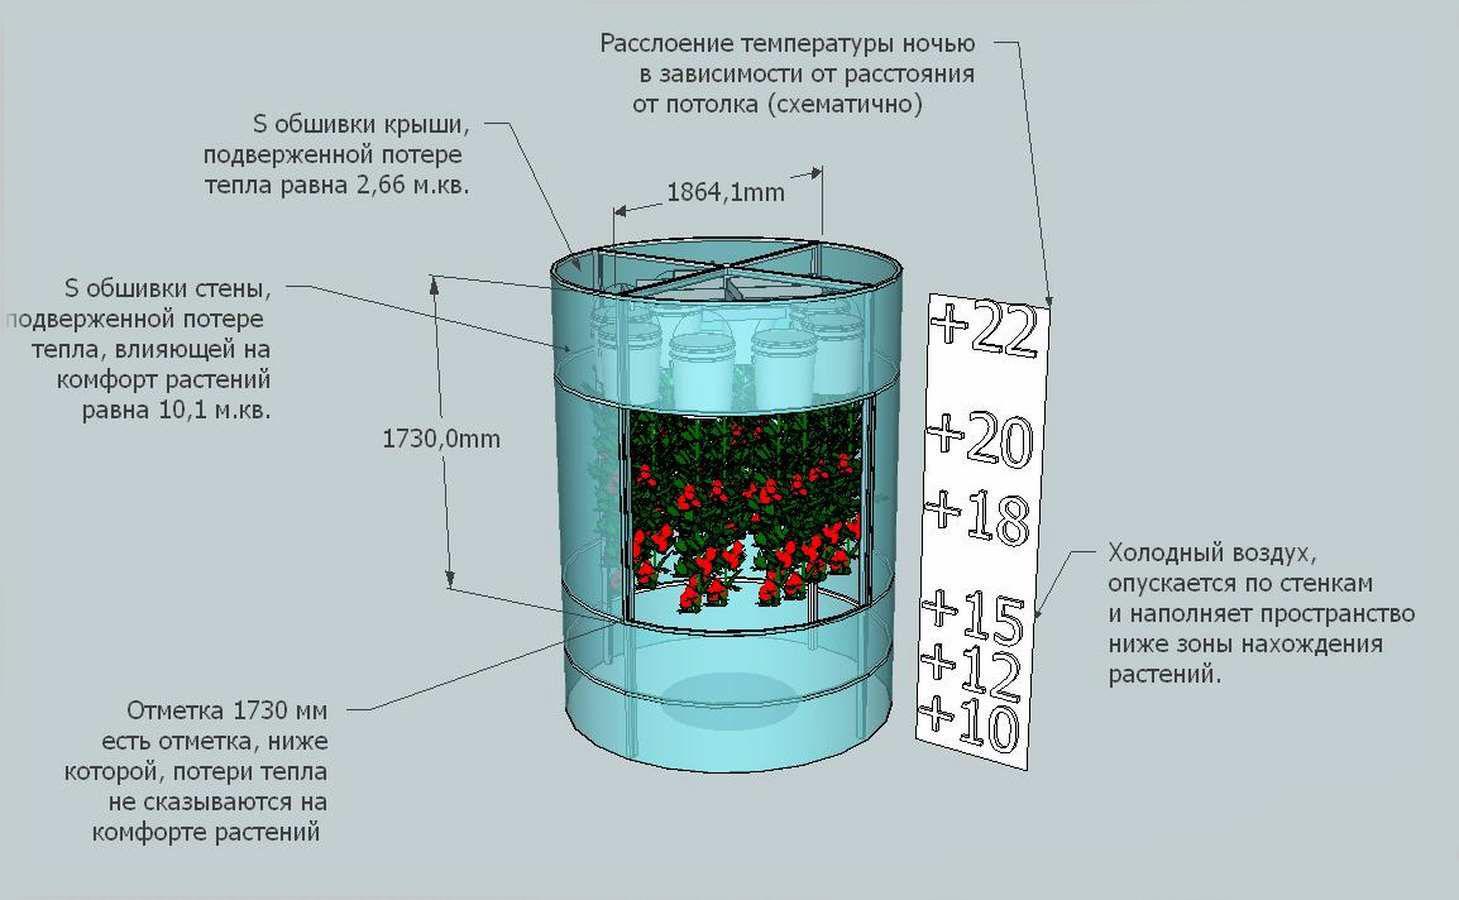 Теплораспределение в теплице башенного типа